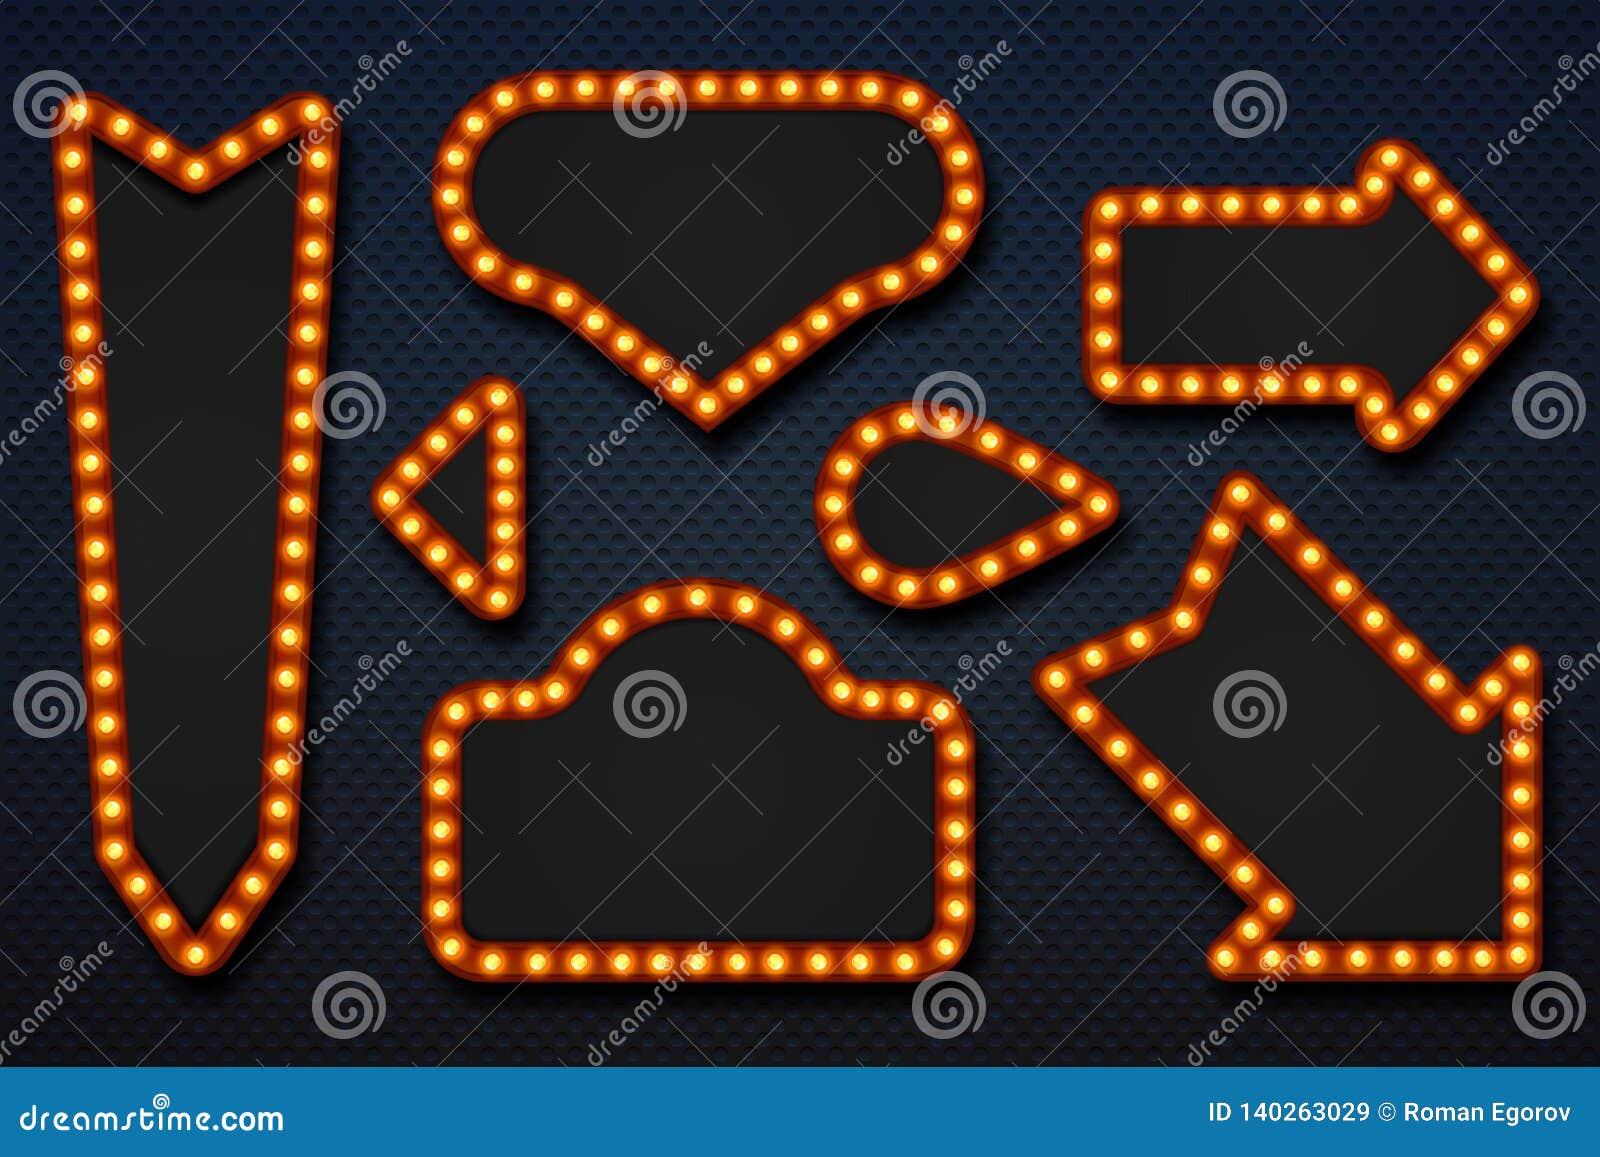 Ретро рамки шатра Шильдик казино цирка фильма зеркала макияжа стрелок электрической лампочки винтажный Рамка вектора 3D реалистич